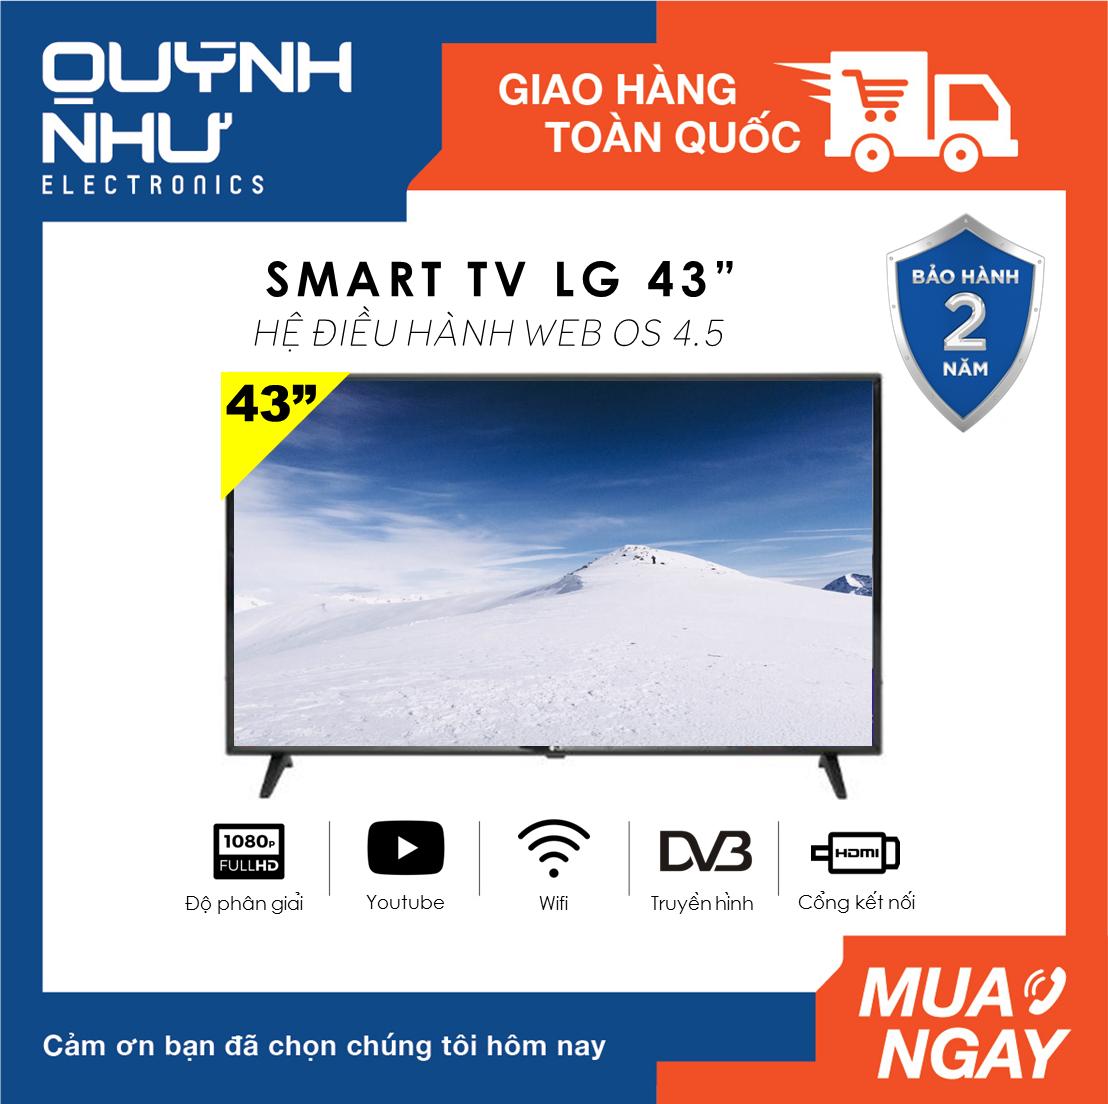 (Trả góp 0%) Smart Tivi LG 43 inch model 43LM5700PTC (Full HD, WebOS 4.5, Hỗ trợ Magic Remote, Youtube, Netflix, Bluetooth, DVB-T2, LG Content Store, màu đen) – Indonesia – Tivi giá rẻ – Bảo hành 2 năm